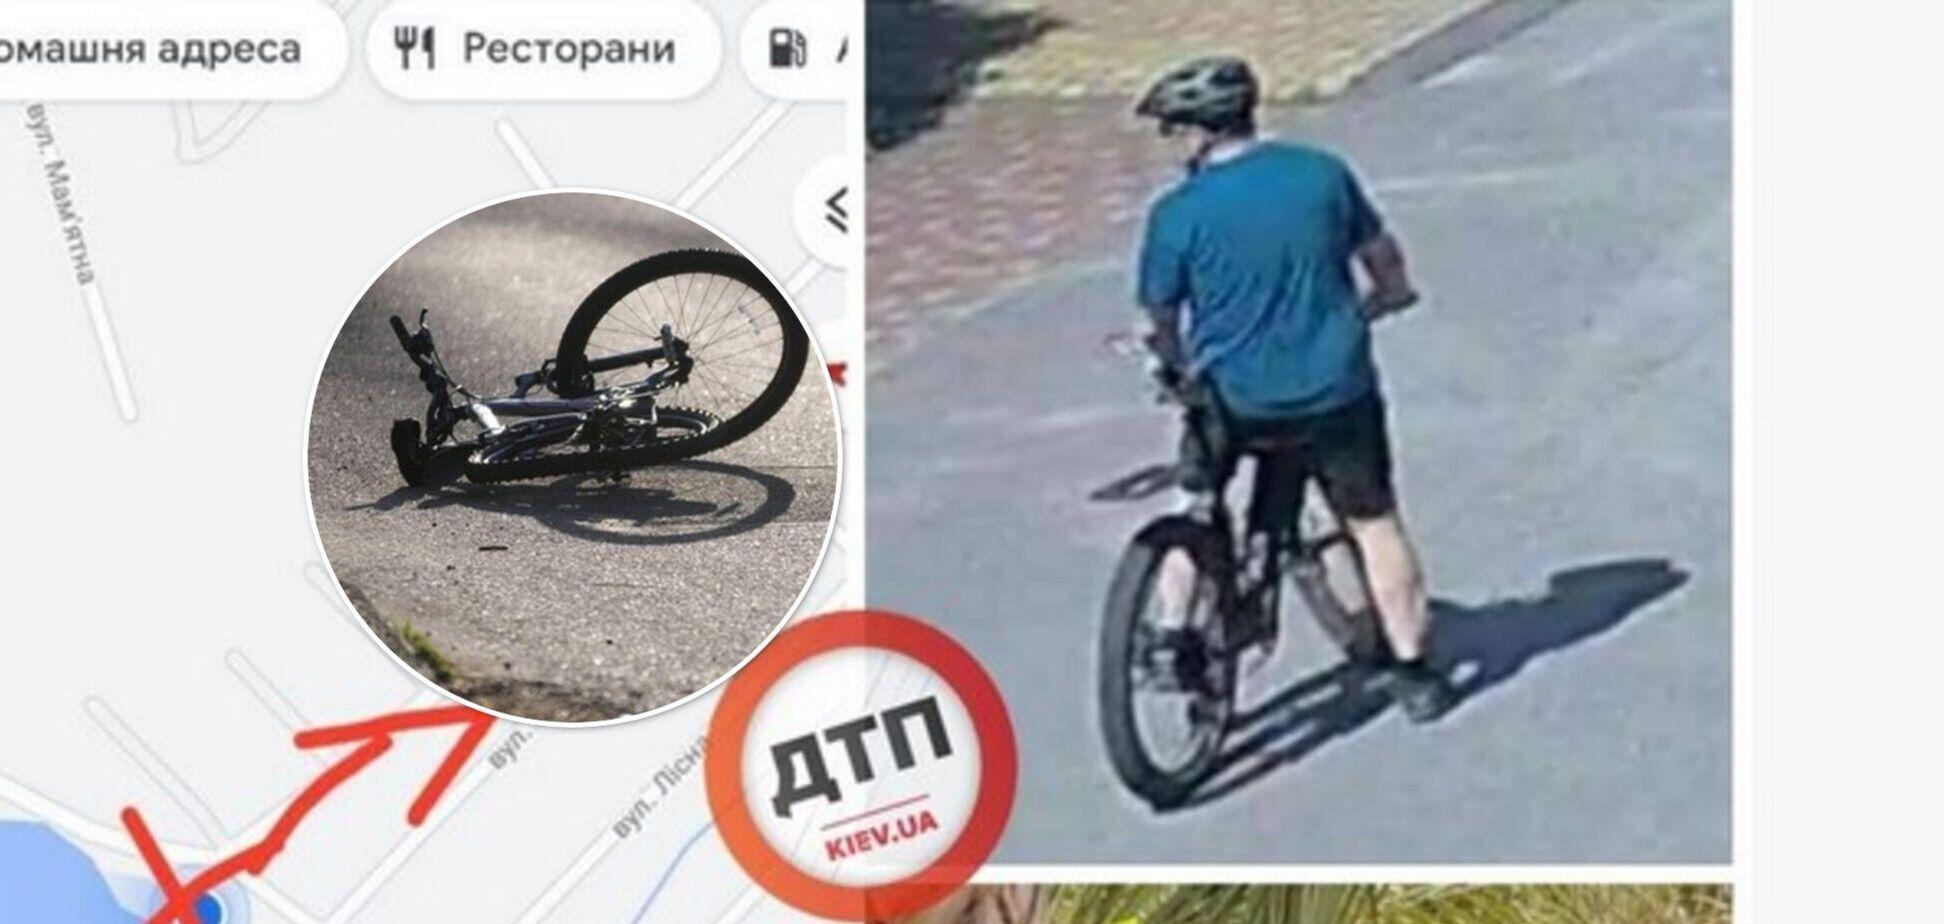 Під Києвом зник велосипедист, якого збив автомобіль. Фото